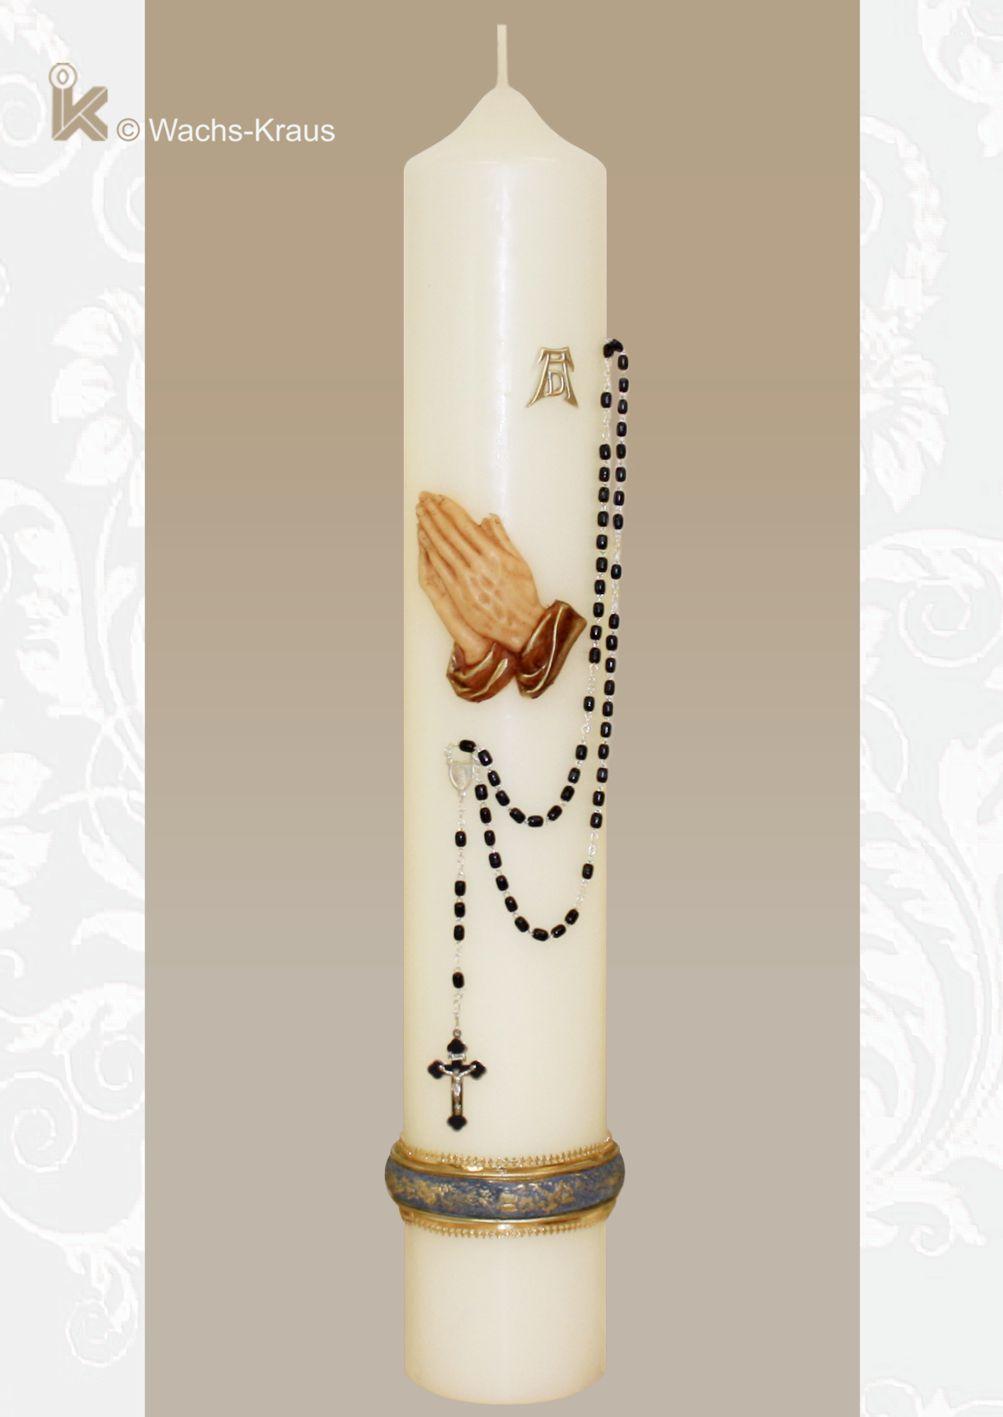 Trauerkerze betende Hände mit einem echten, großen schwarzen Rosenkranz. Bringen Sie Ihre Trauer würdevoll zum Ausdruck.